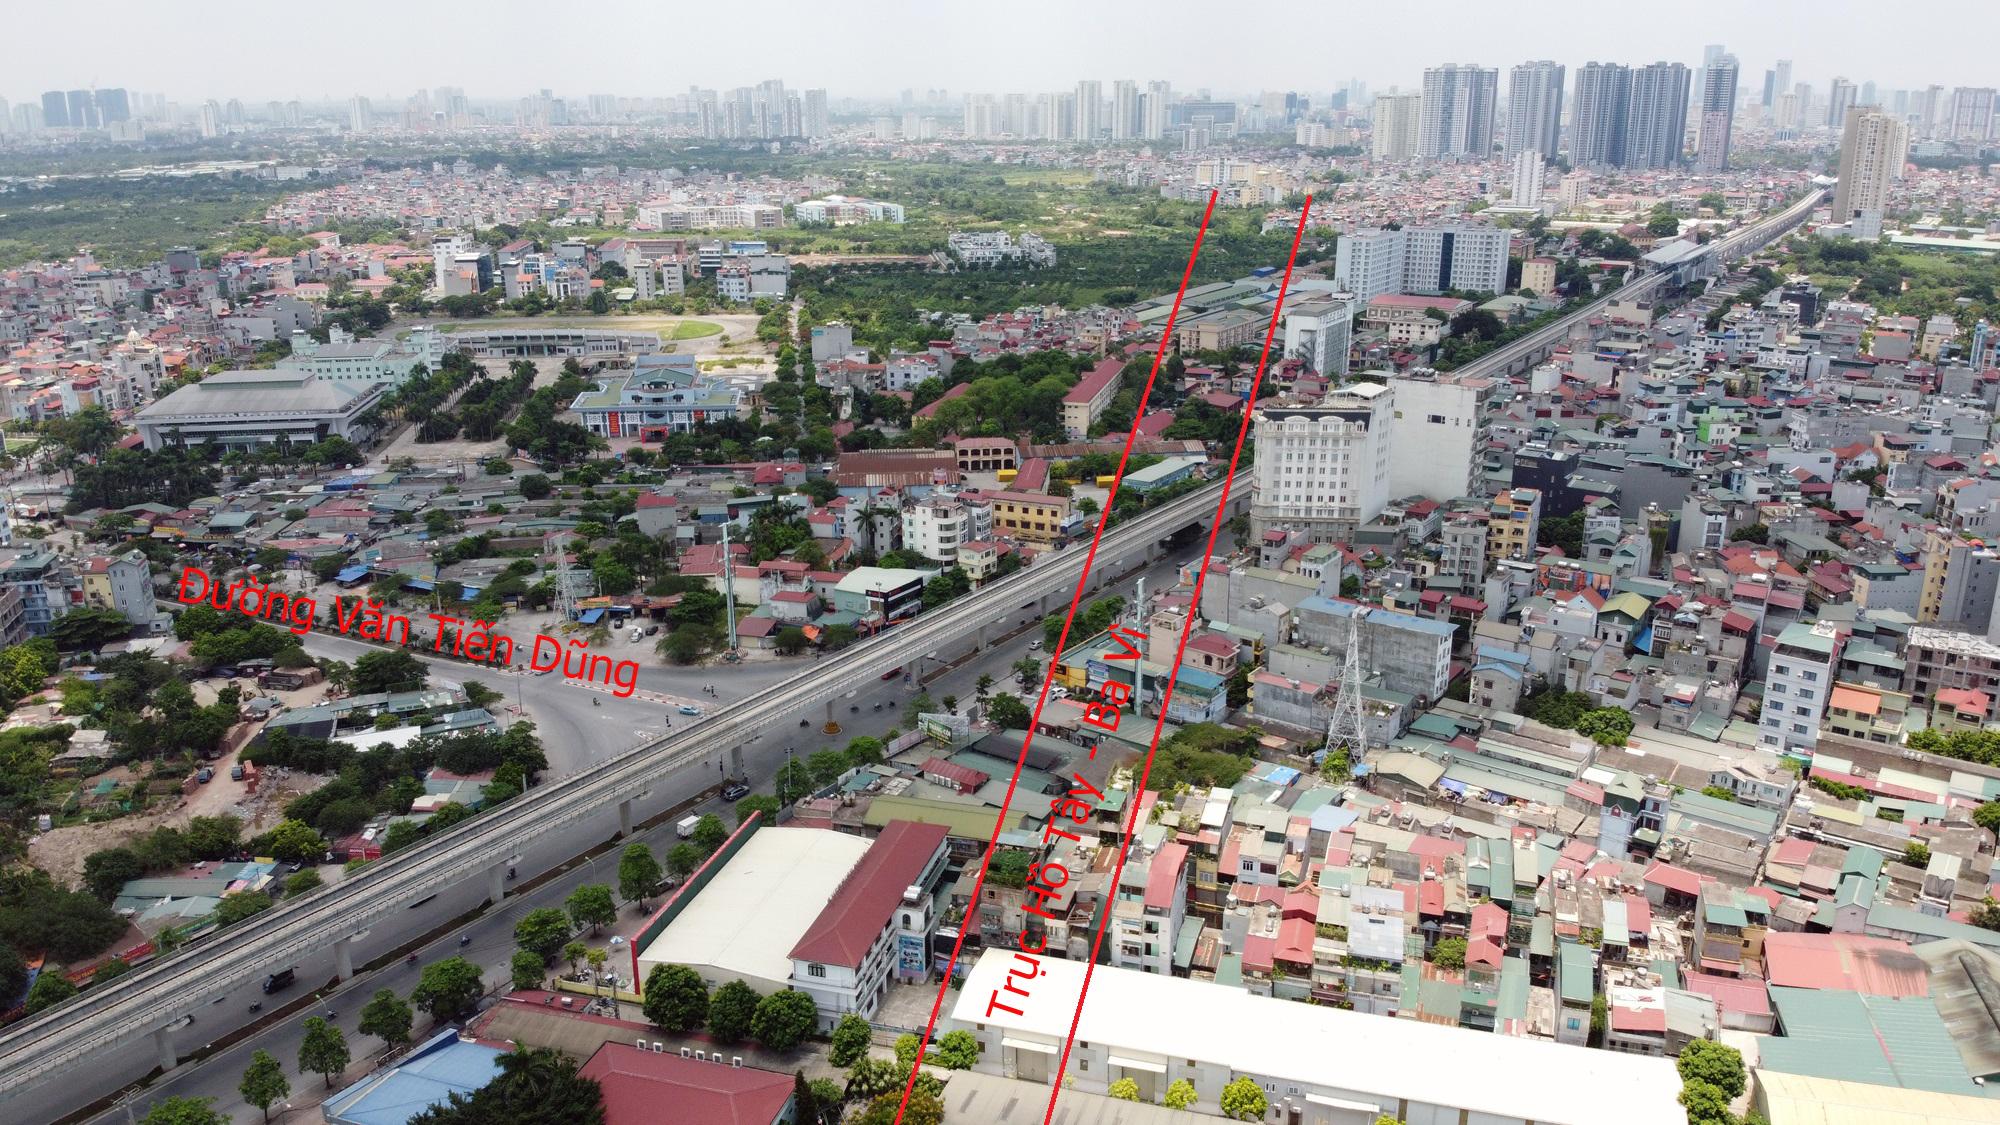 Đường sẽ mở theo qui hoạch ở Hà Nội: Toàn cảnh trục Hồ Tây - Ba Vì đến Vành đai 4 - Ảnh 18.